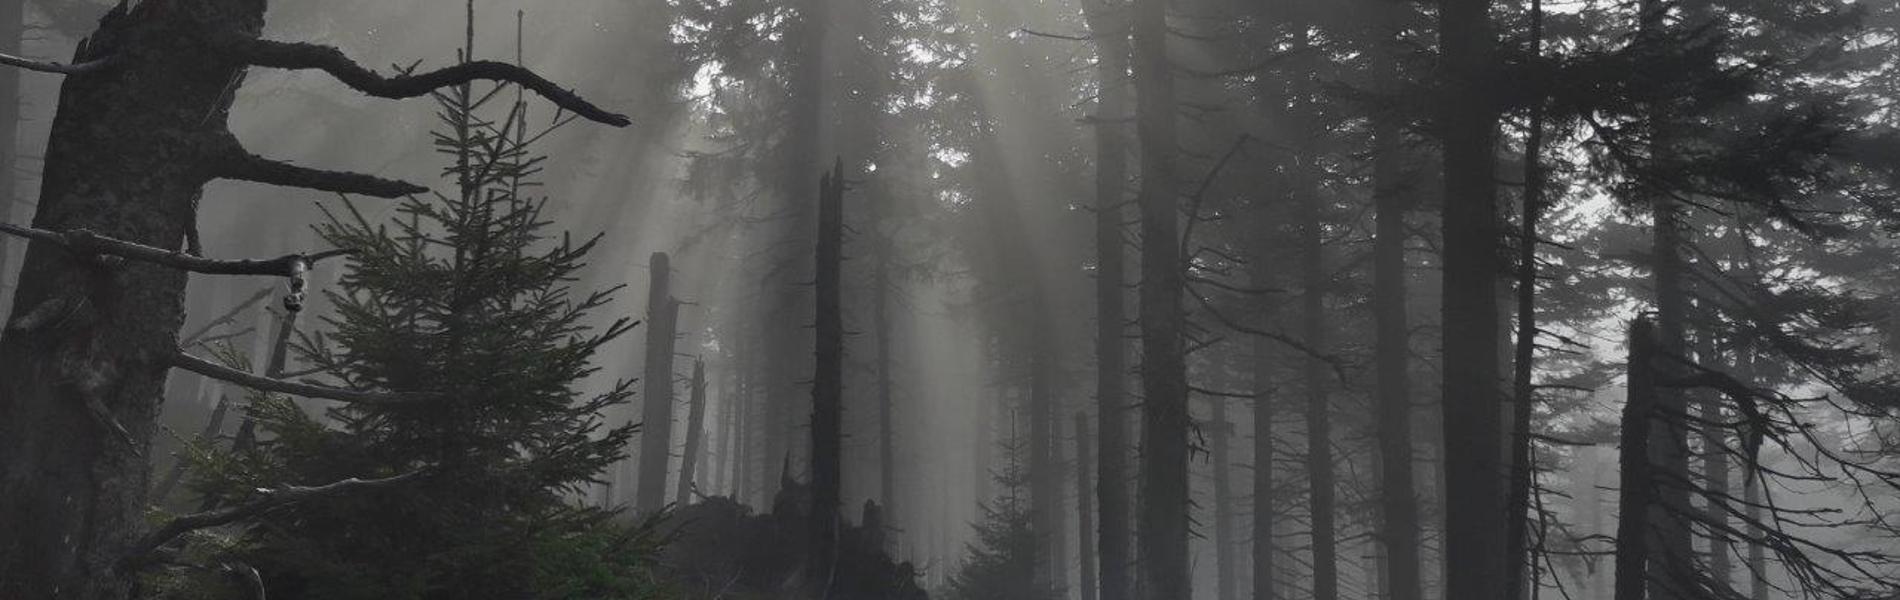 Rušení lesních správ